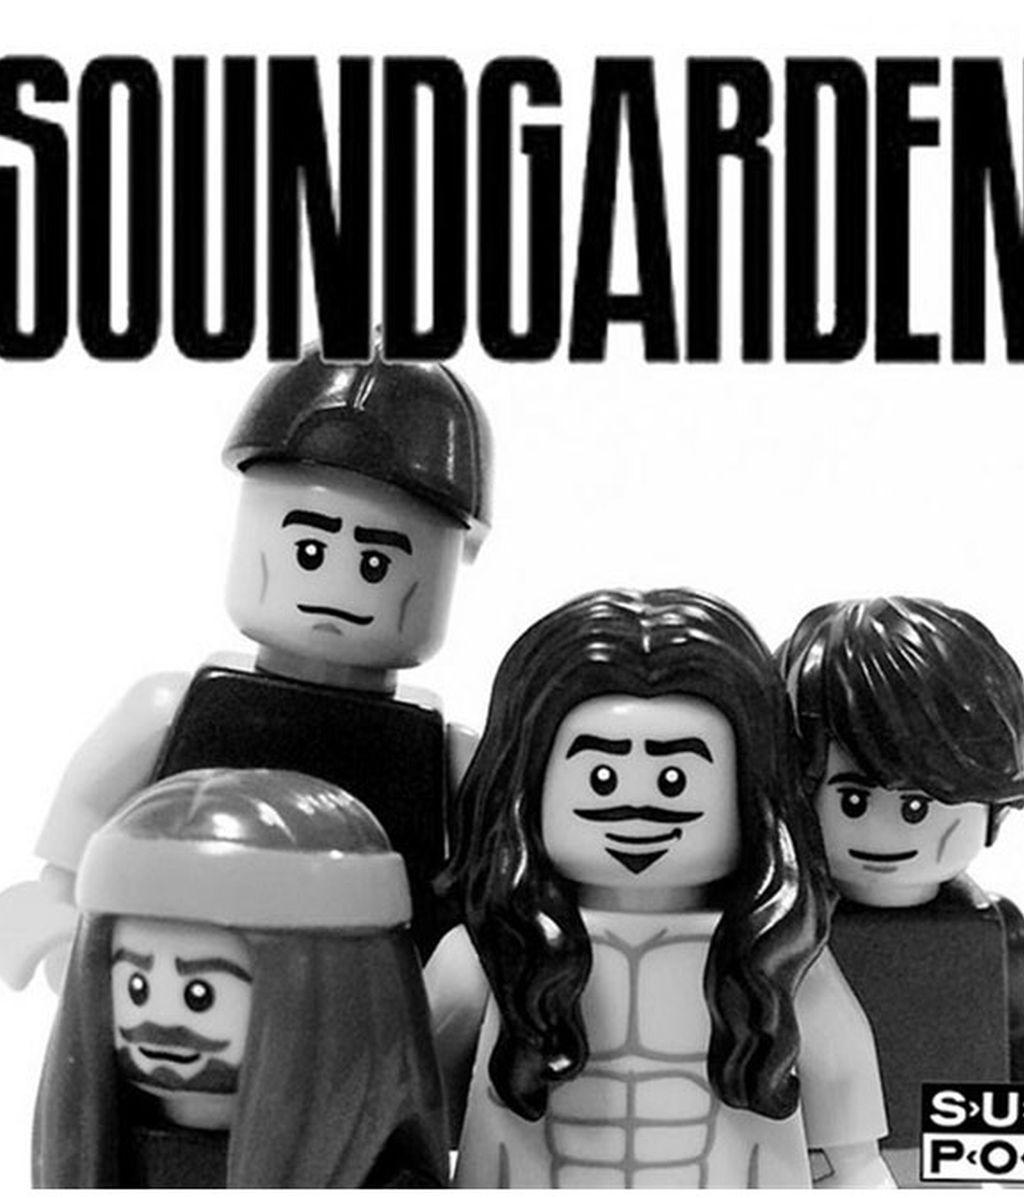 Lego Soundgarden